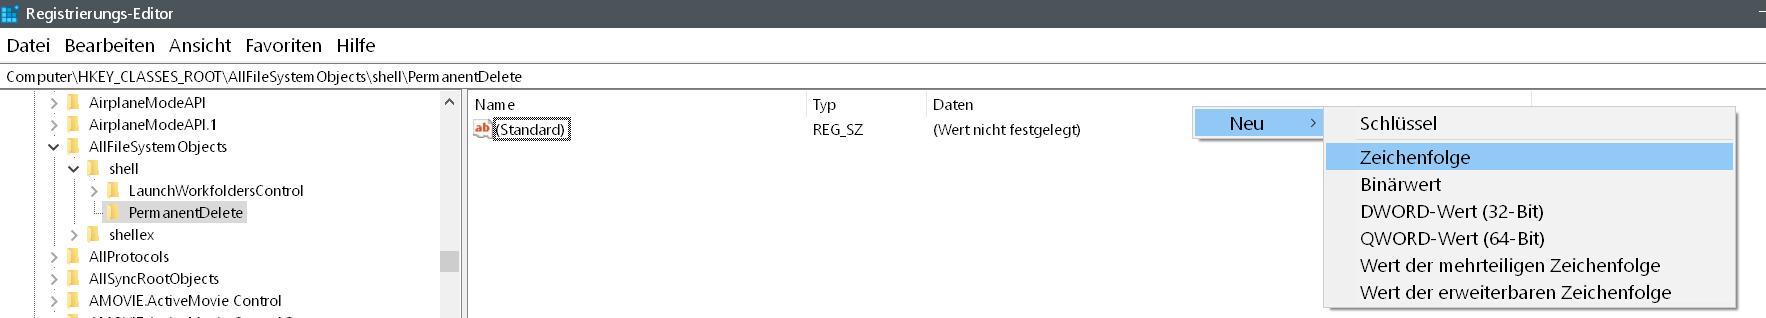 neue zeichenfolge - Windows 10 Dateien endgültig löschen